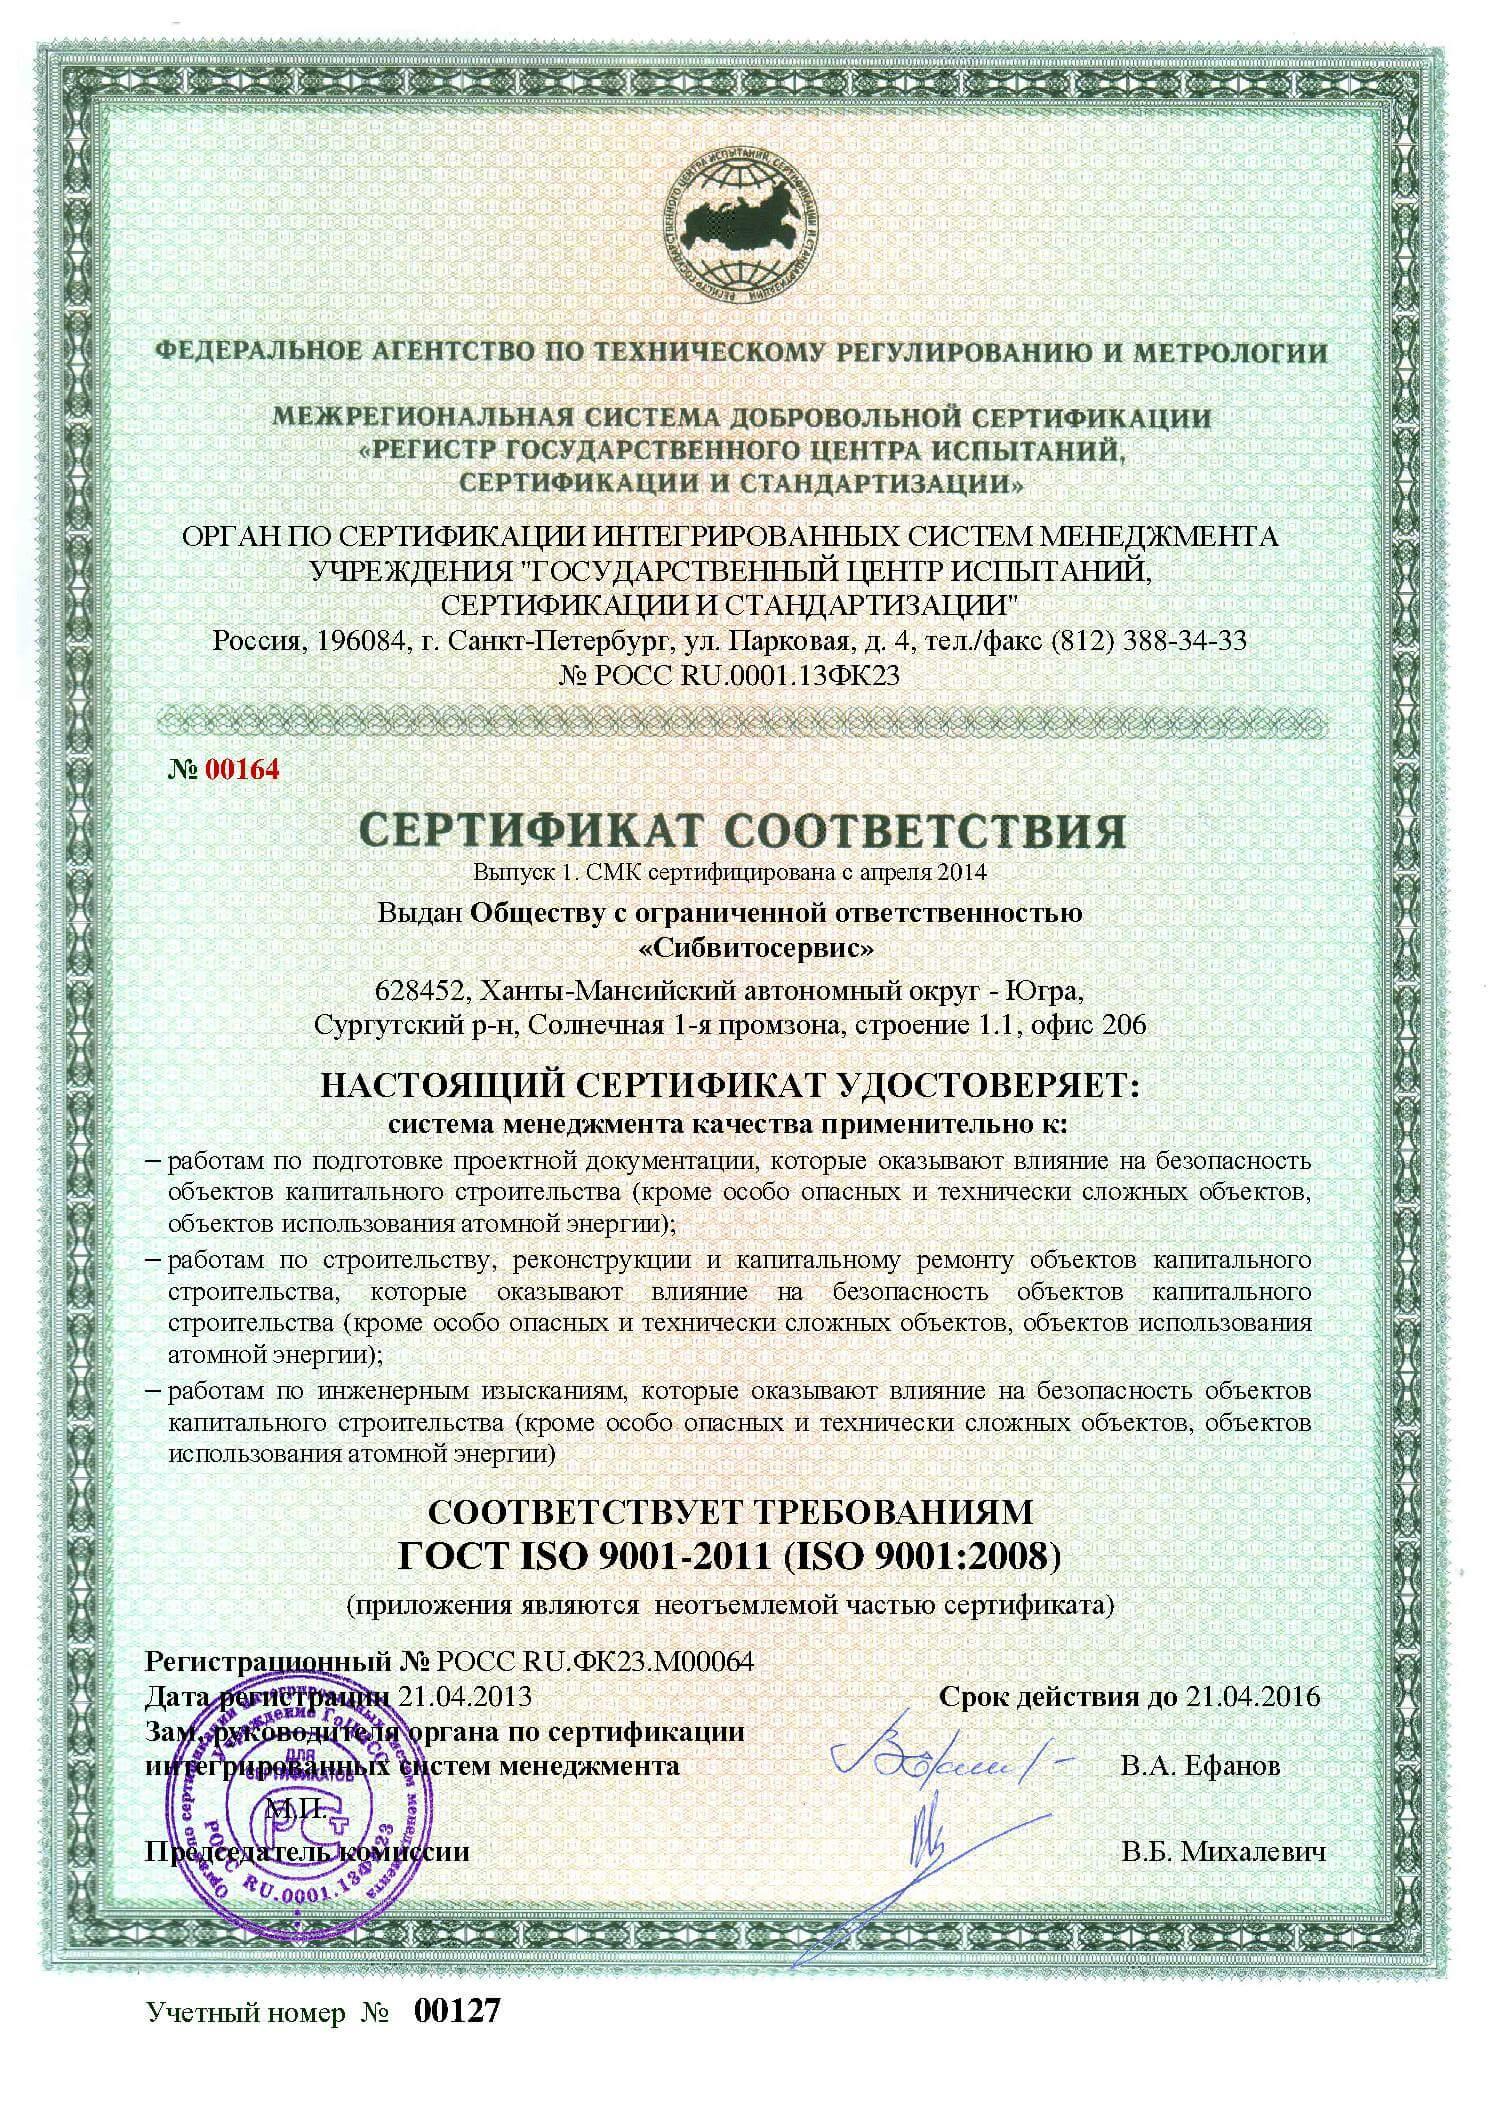 Сертификат гост исо 9001-2008 росс сертификация транспортных средств для изменения категории